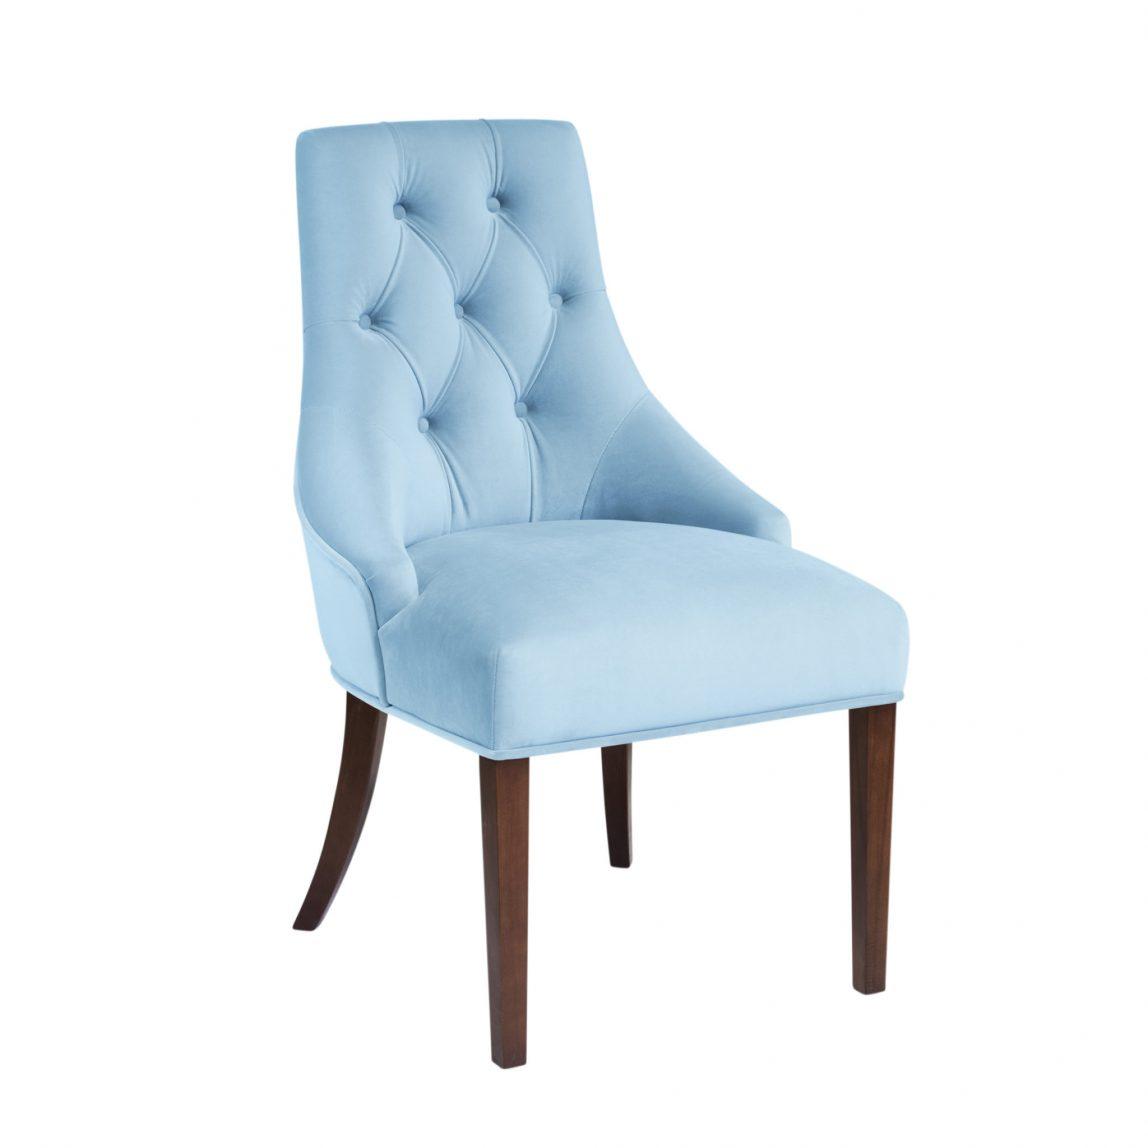 Мягкий стул в стиле Арт-деко Жорж